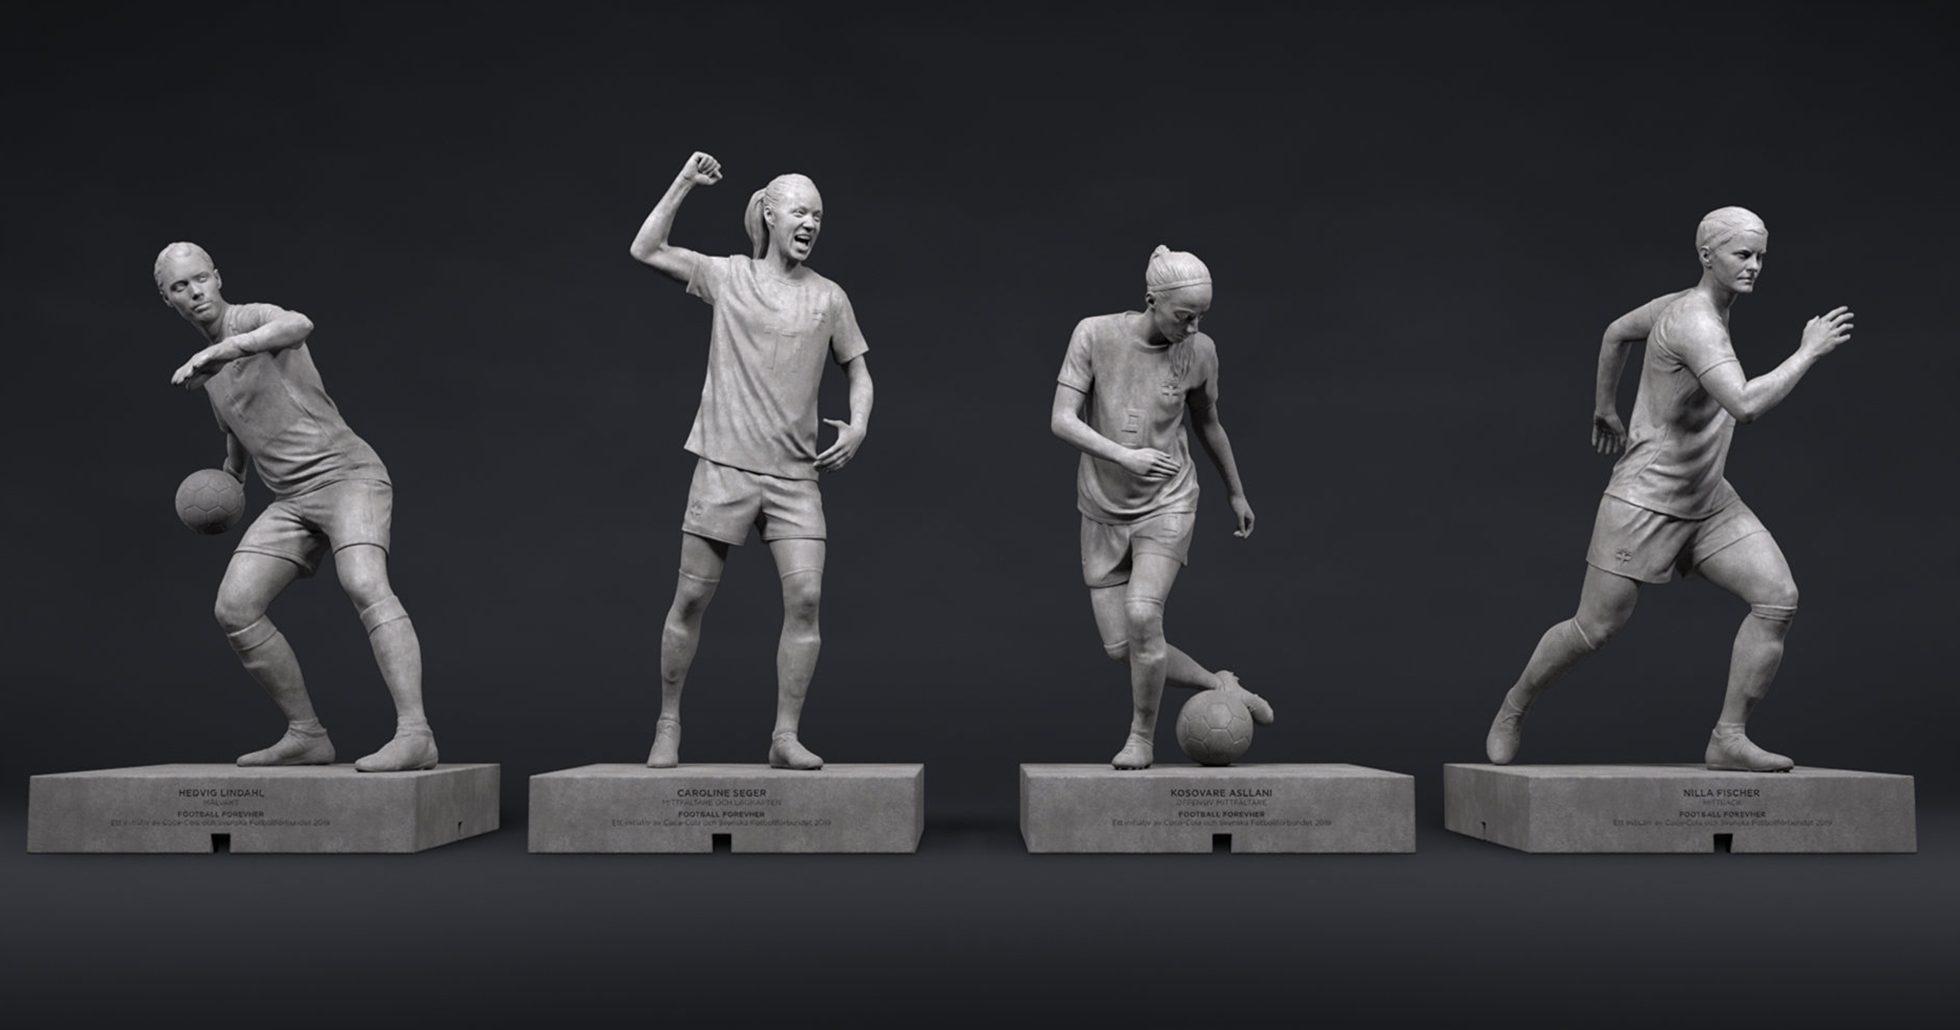 Svenska VM-damerna som statyer